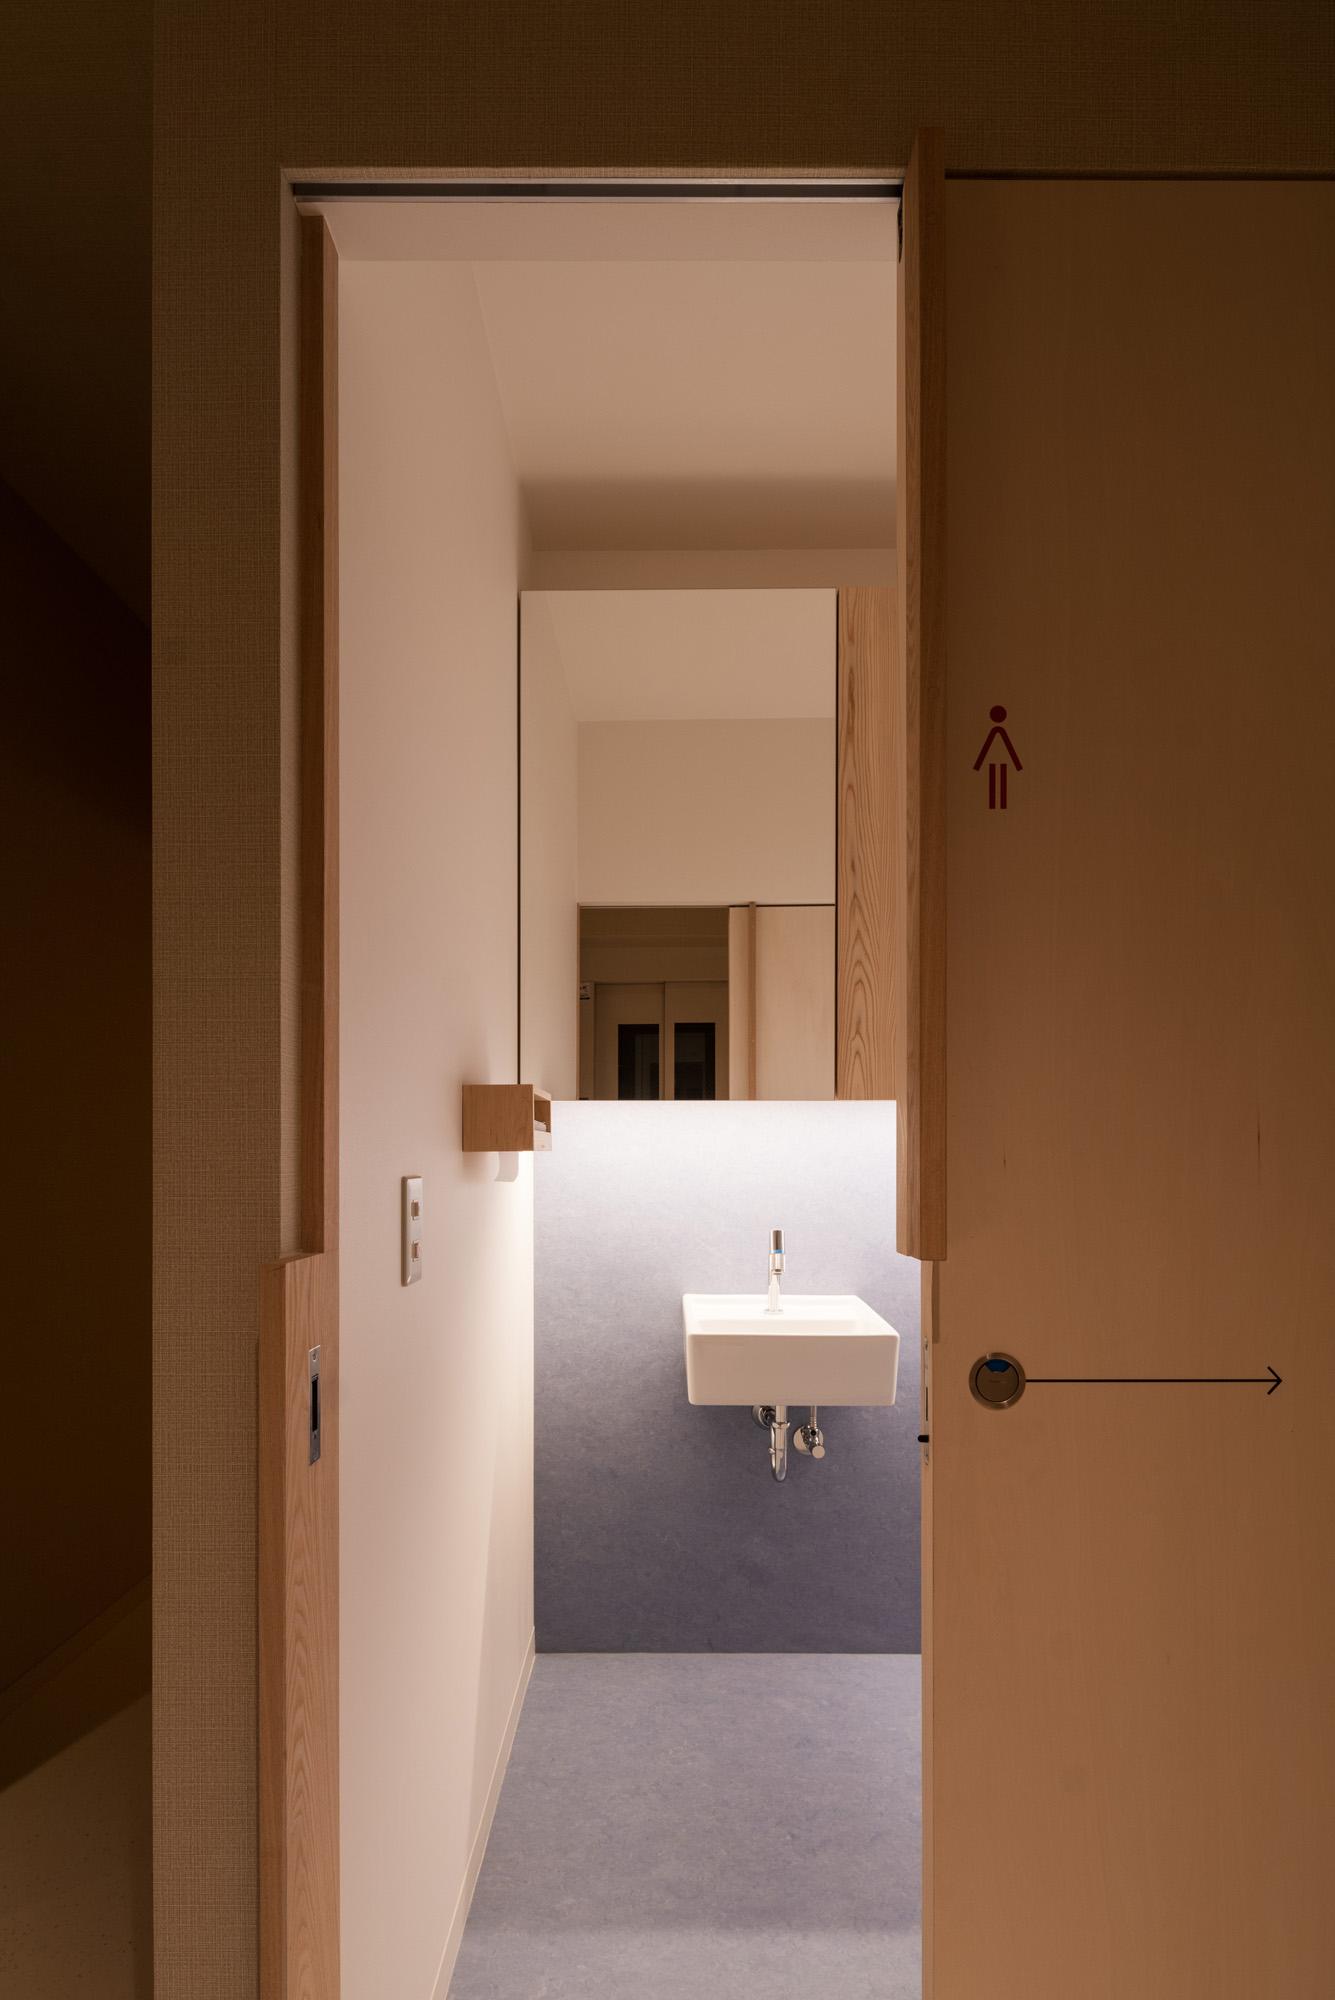 相羽建設本社 オフィスの環境改善!使って試せるトイレ